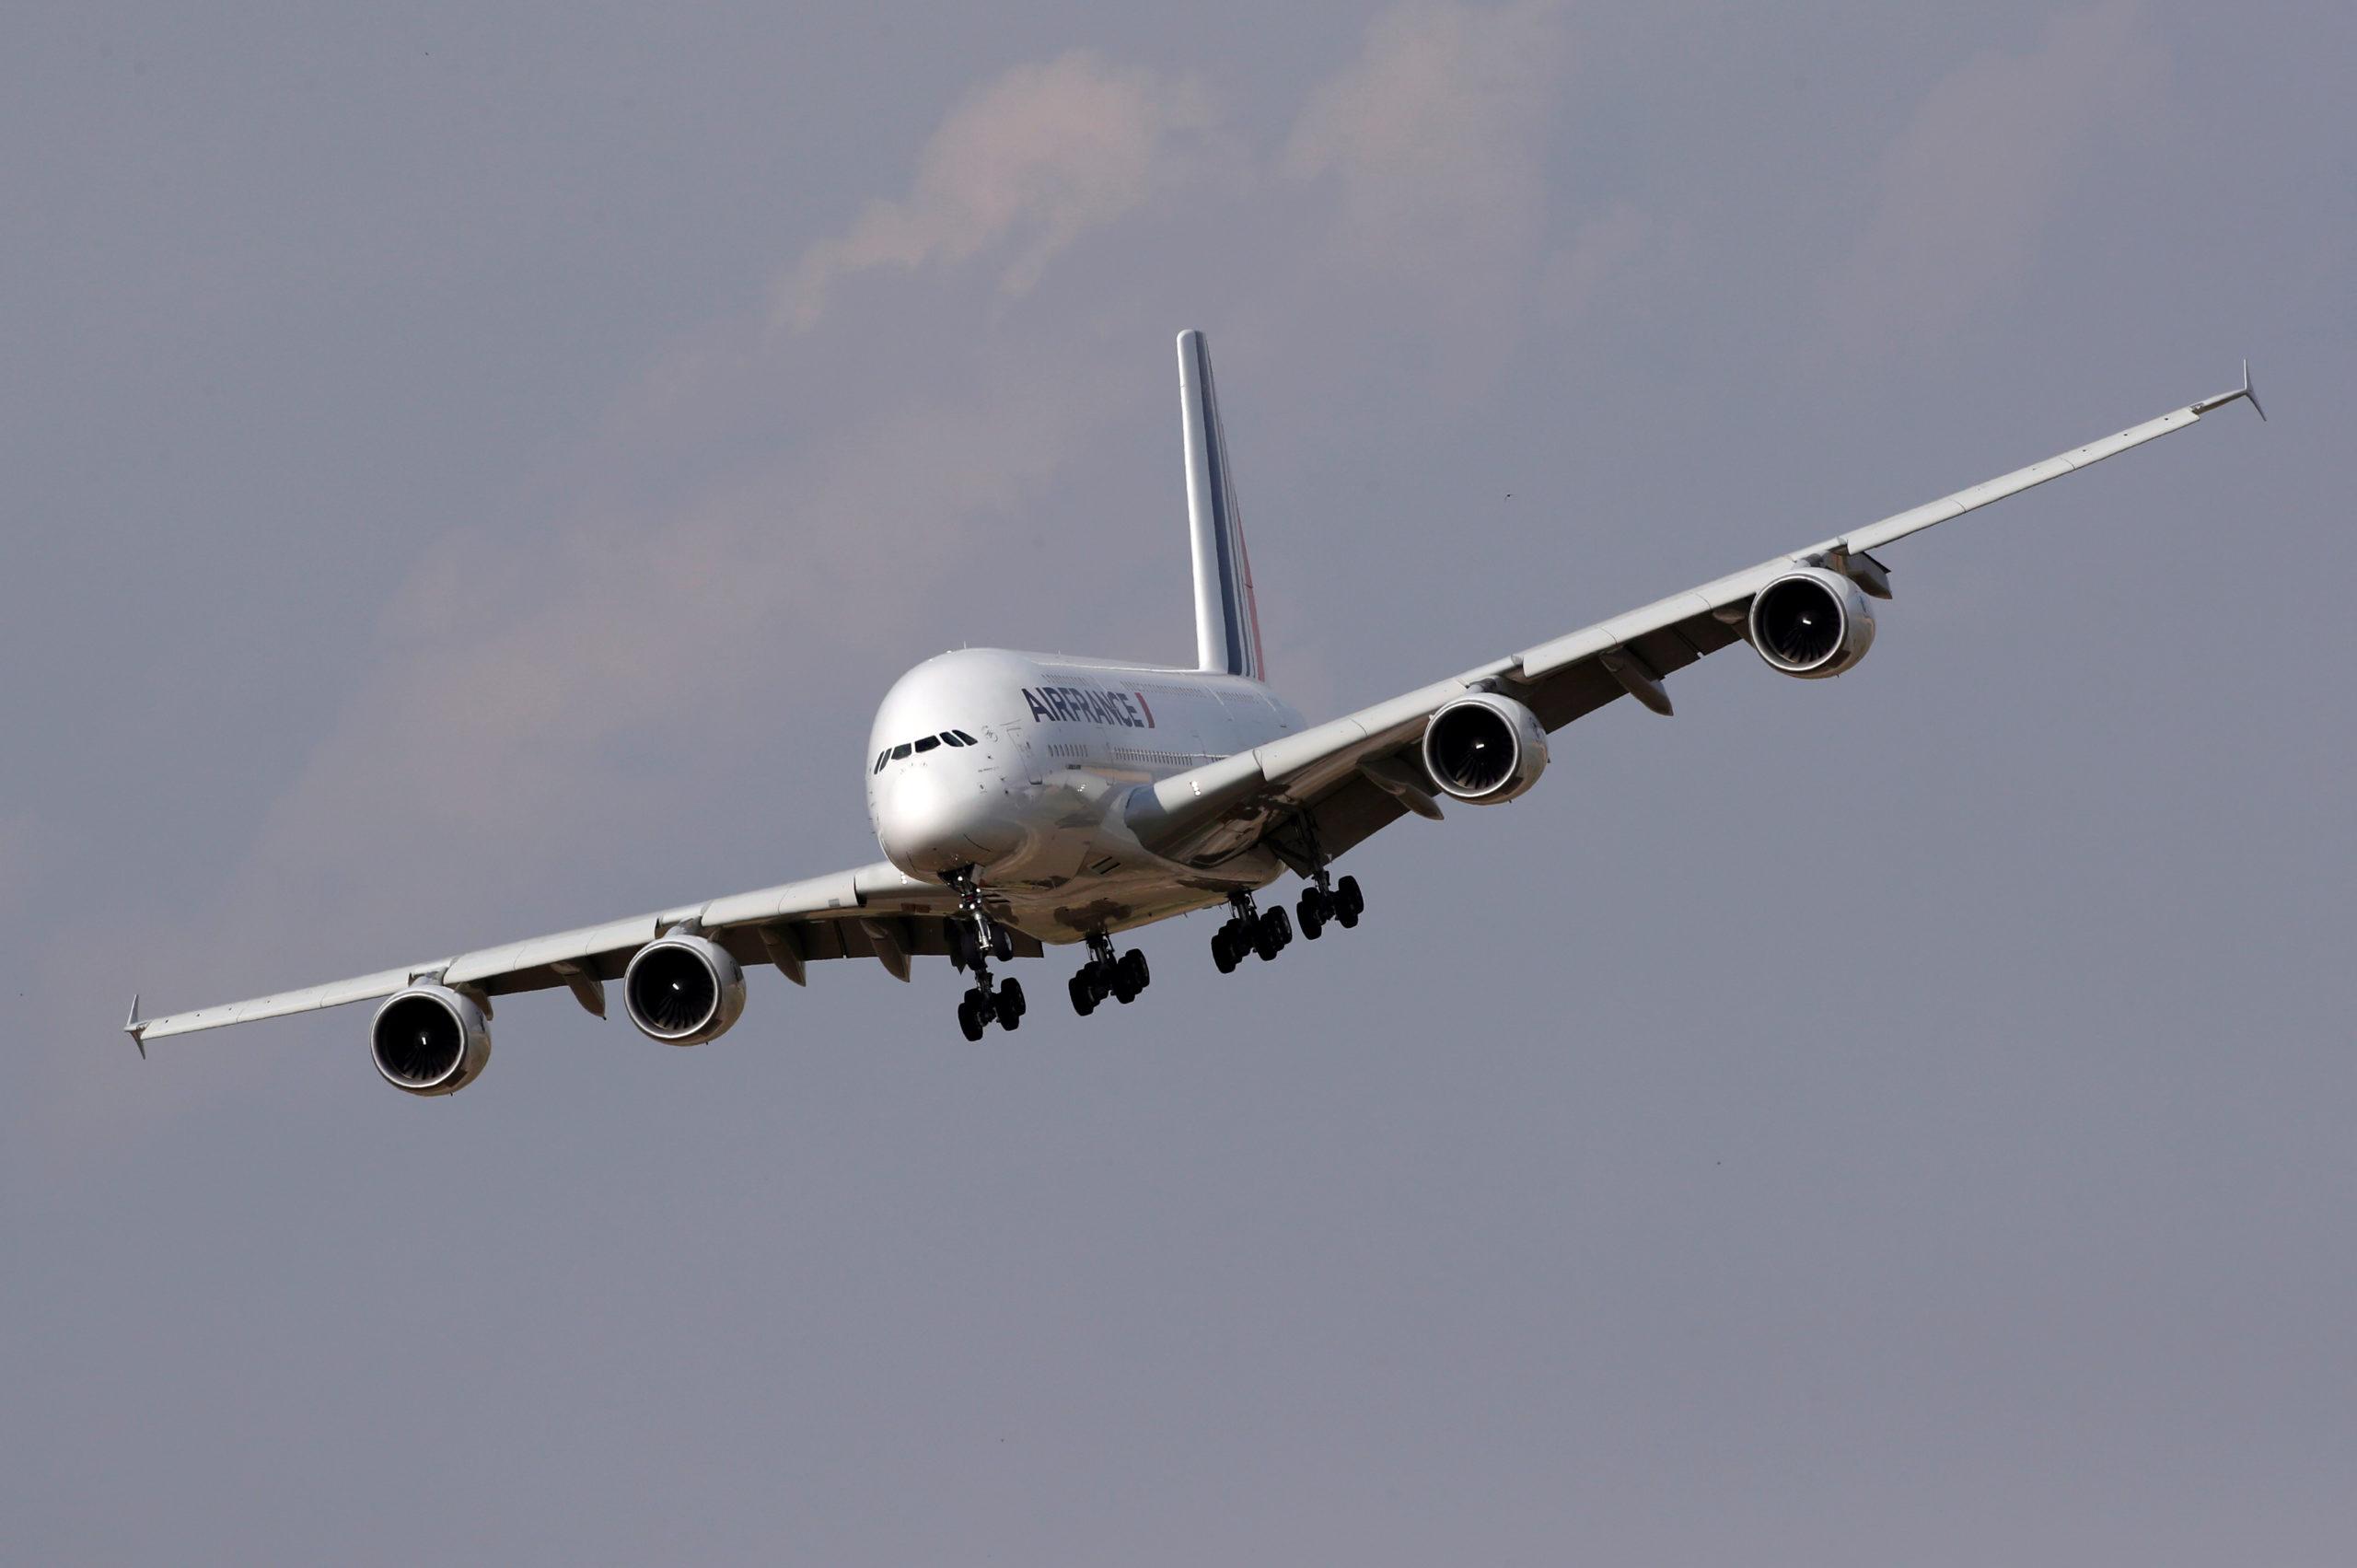 Le groupe Air France prévoit de supprimer 7.500 postes d'ici 2022